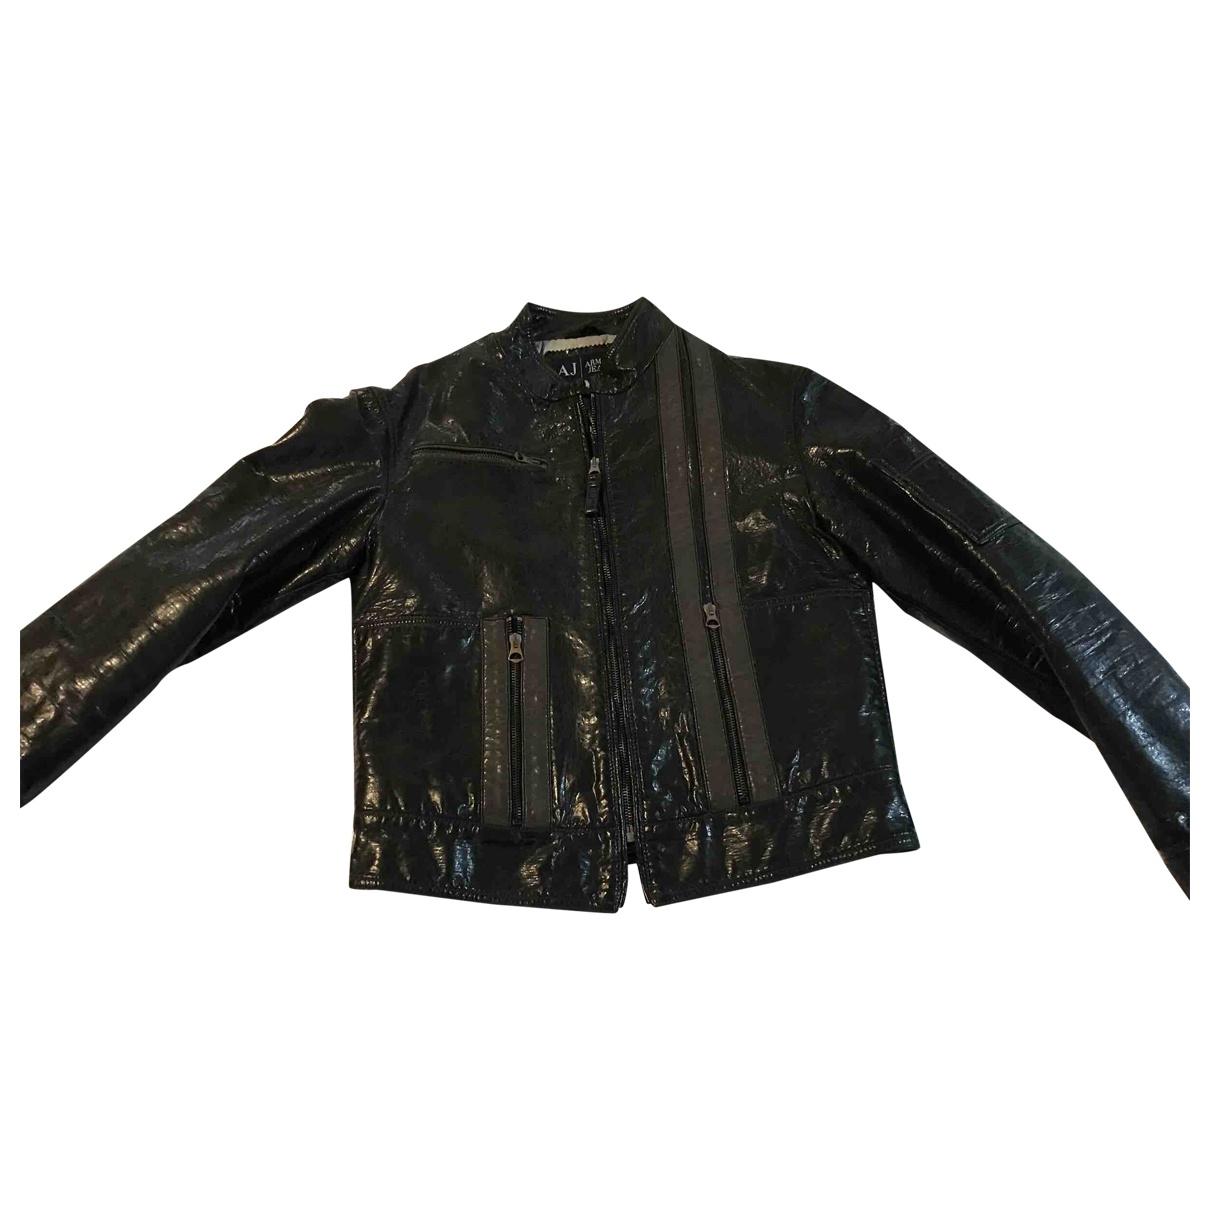 Armani Jeans \N Jacke in  Gruen Polyester